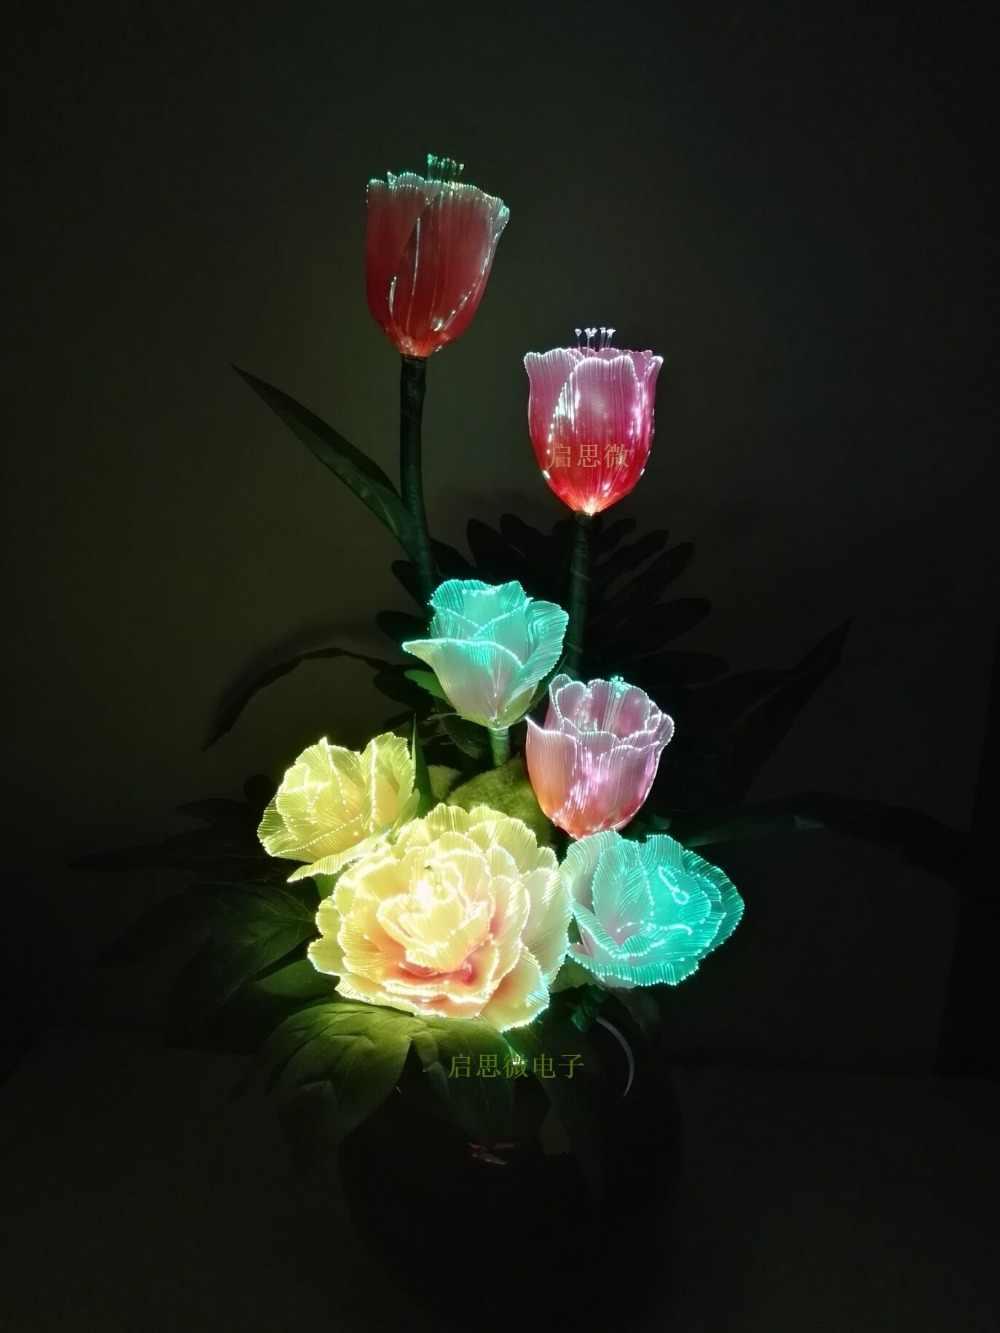 DEL Optique Lampe Fleur Rose vase bouquet de lumière scène Paysage Décor